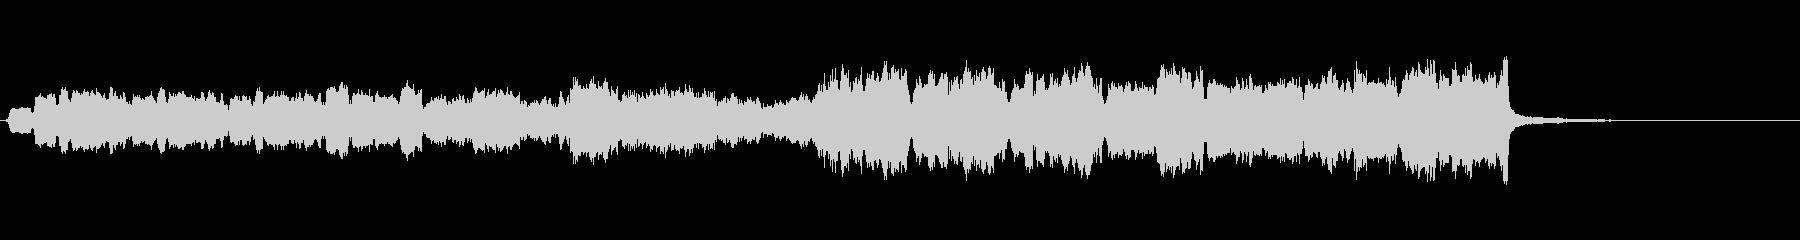 ウインドオーケストラによるジングルの未再生の波形